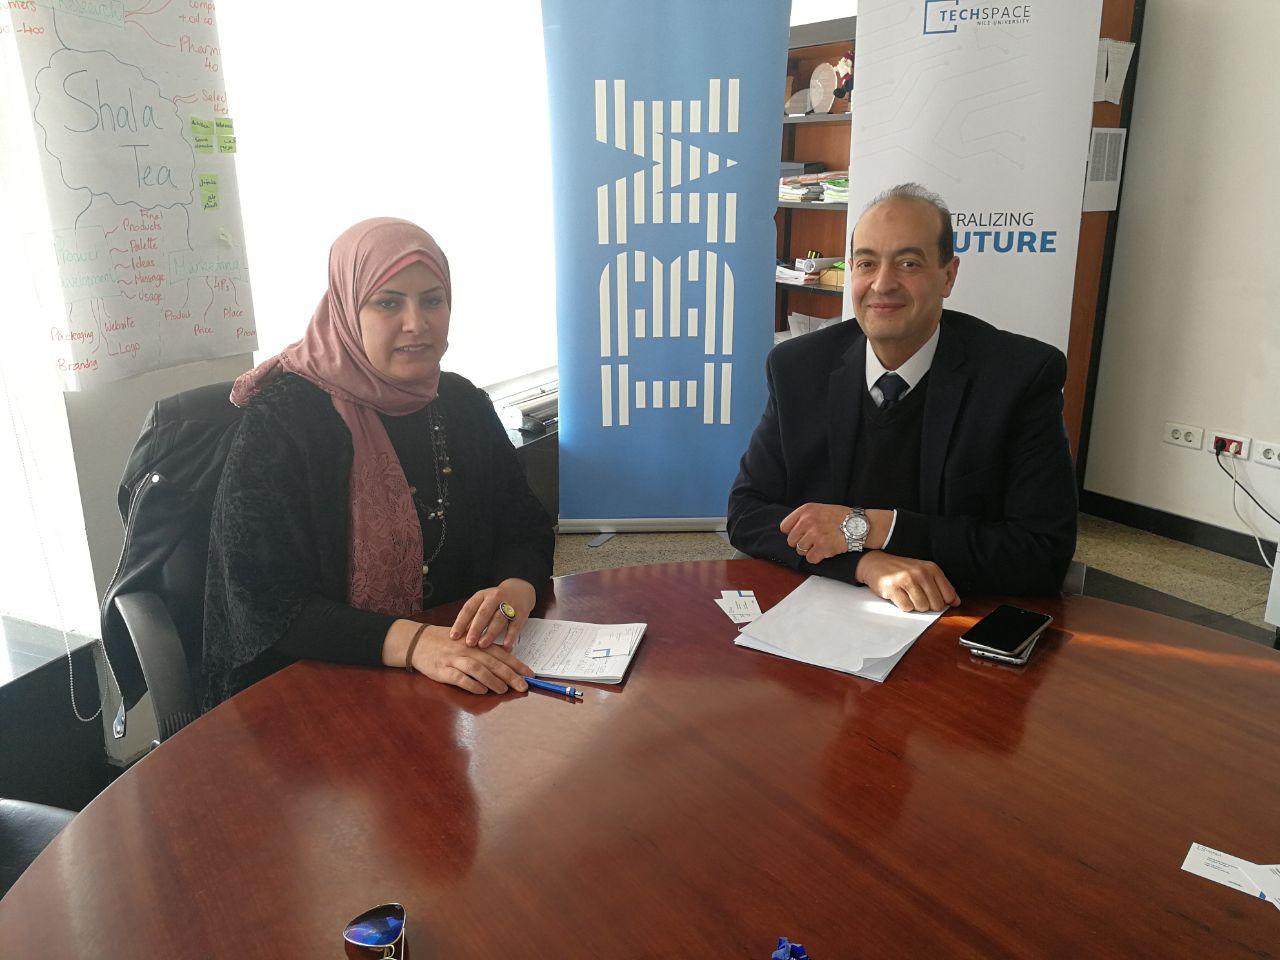 محمد وائل رضوان مدير خدمات الحوسبة السحابية بشركة IBM فى حواره مع صوت الأمة